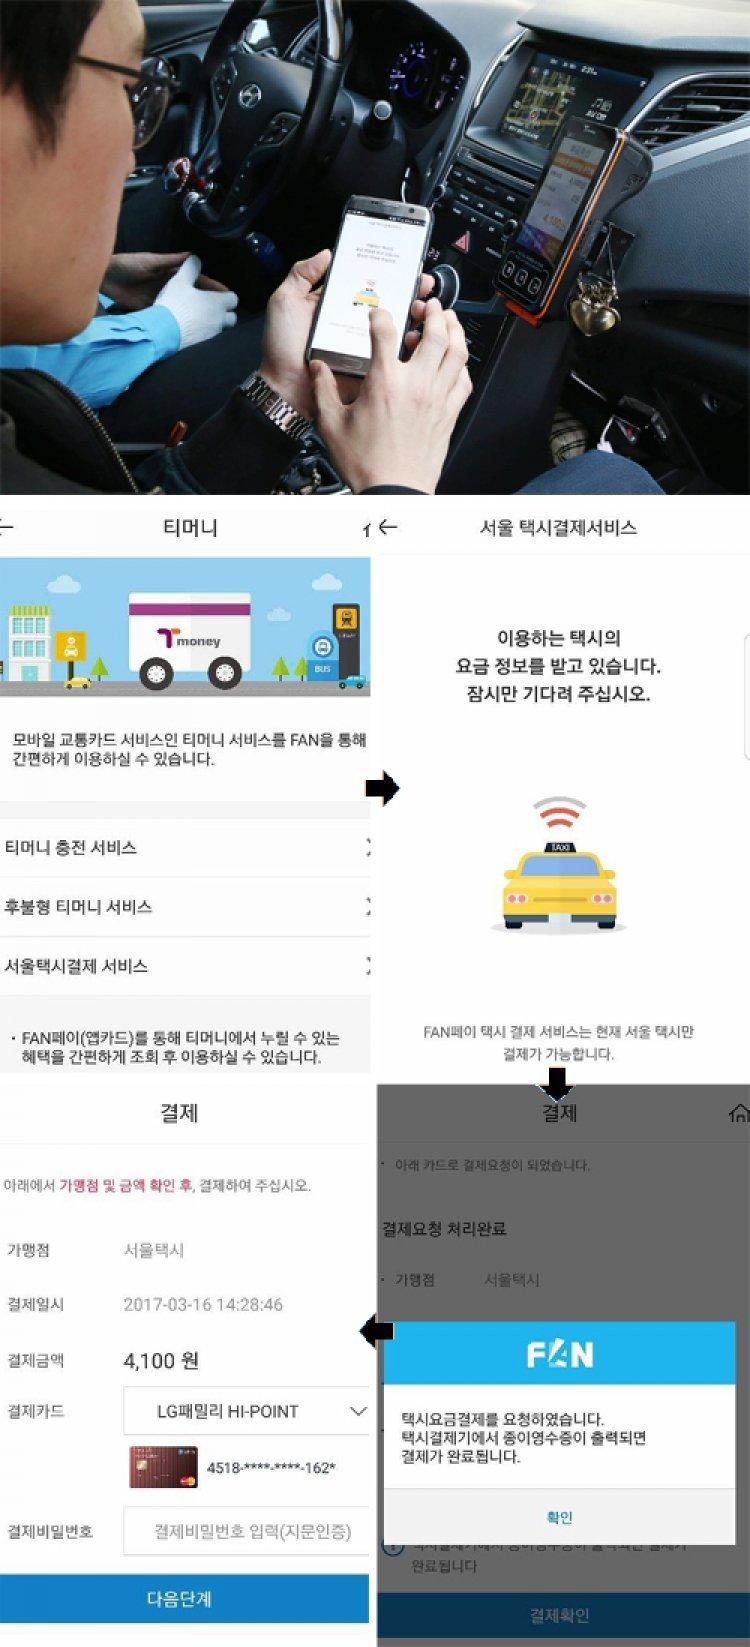 [김성모 기자가 써봤어요]택시-스마트폰 음파 주고받아… 2초 만에 결제 끝